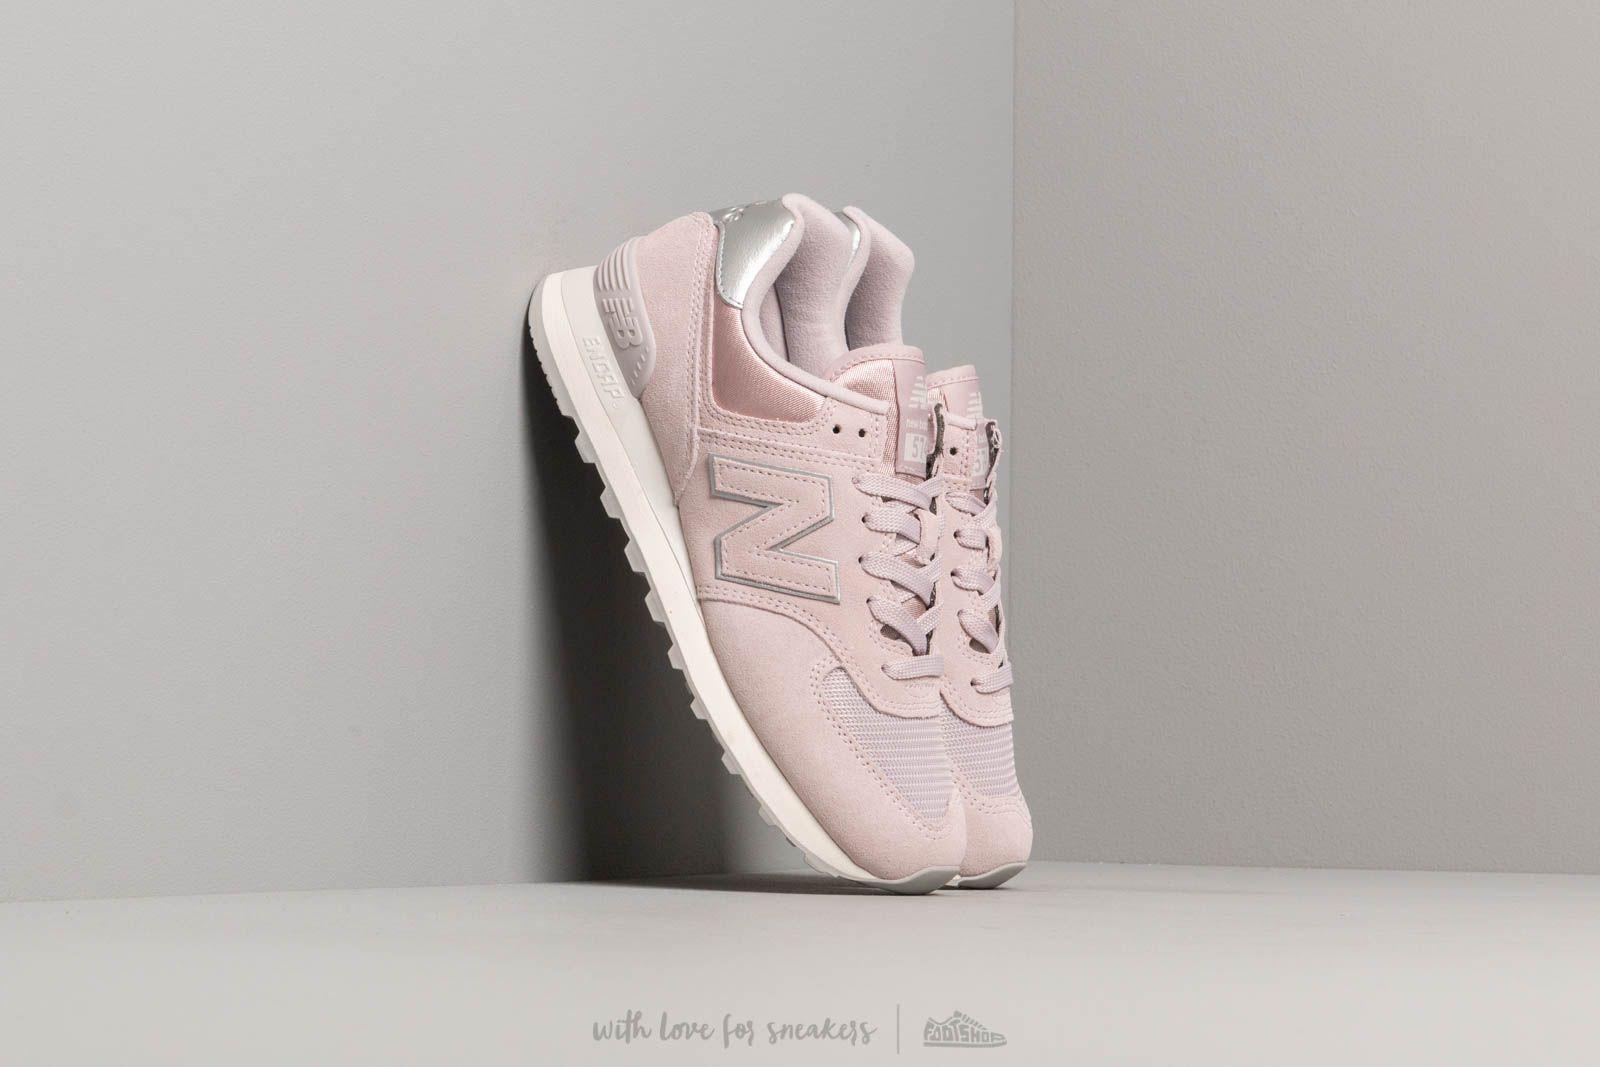 a2bc8d05130 New Balance 574 Pink  Grey at a great price £76 buy at Footshop